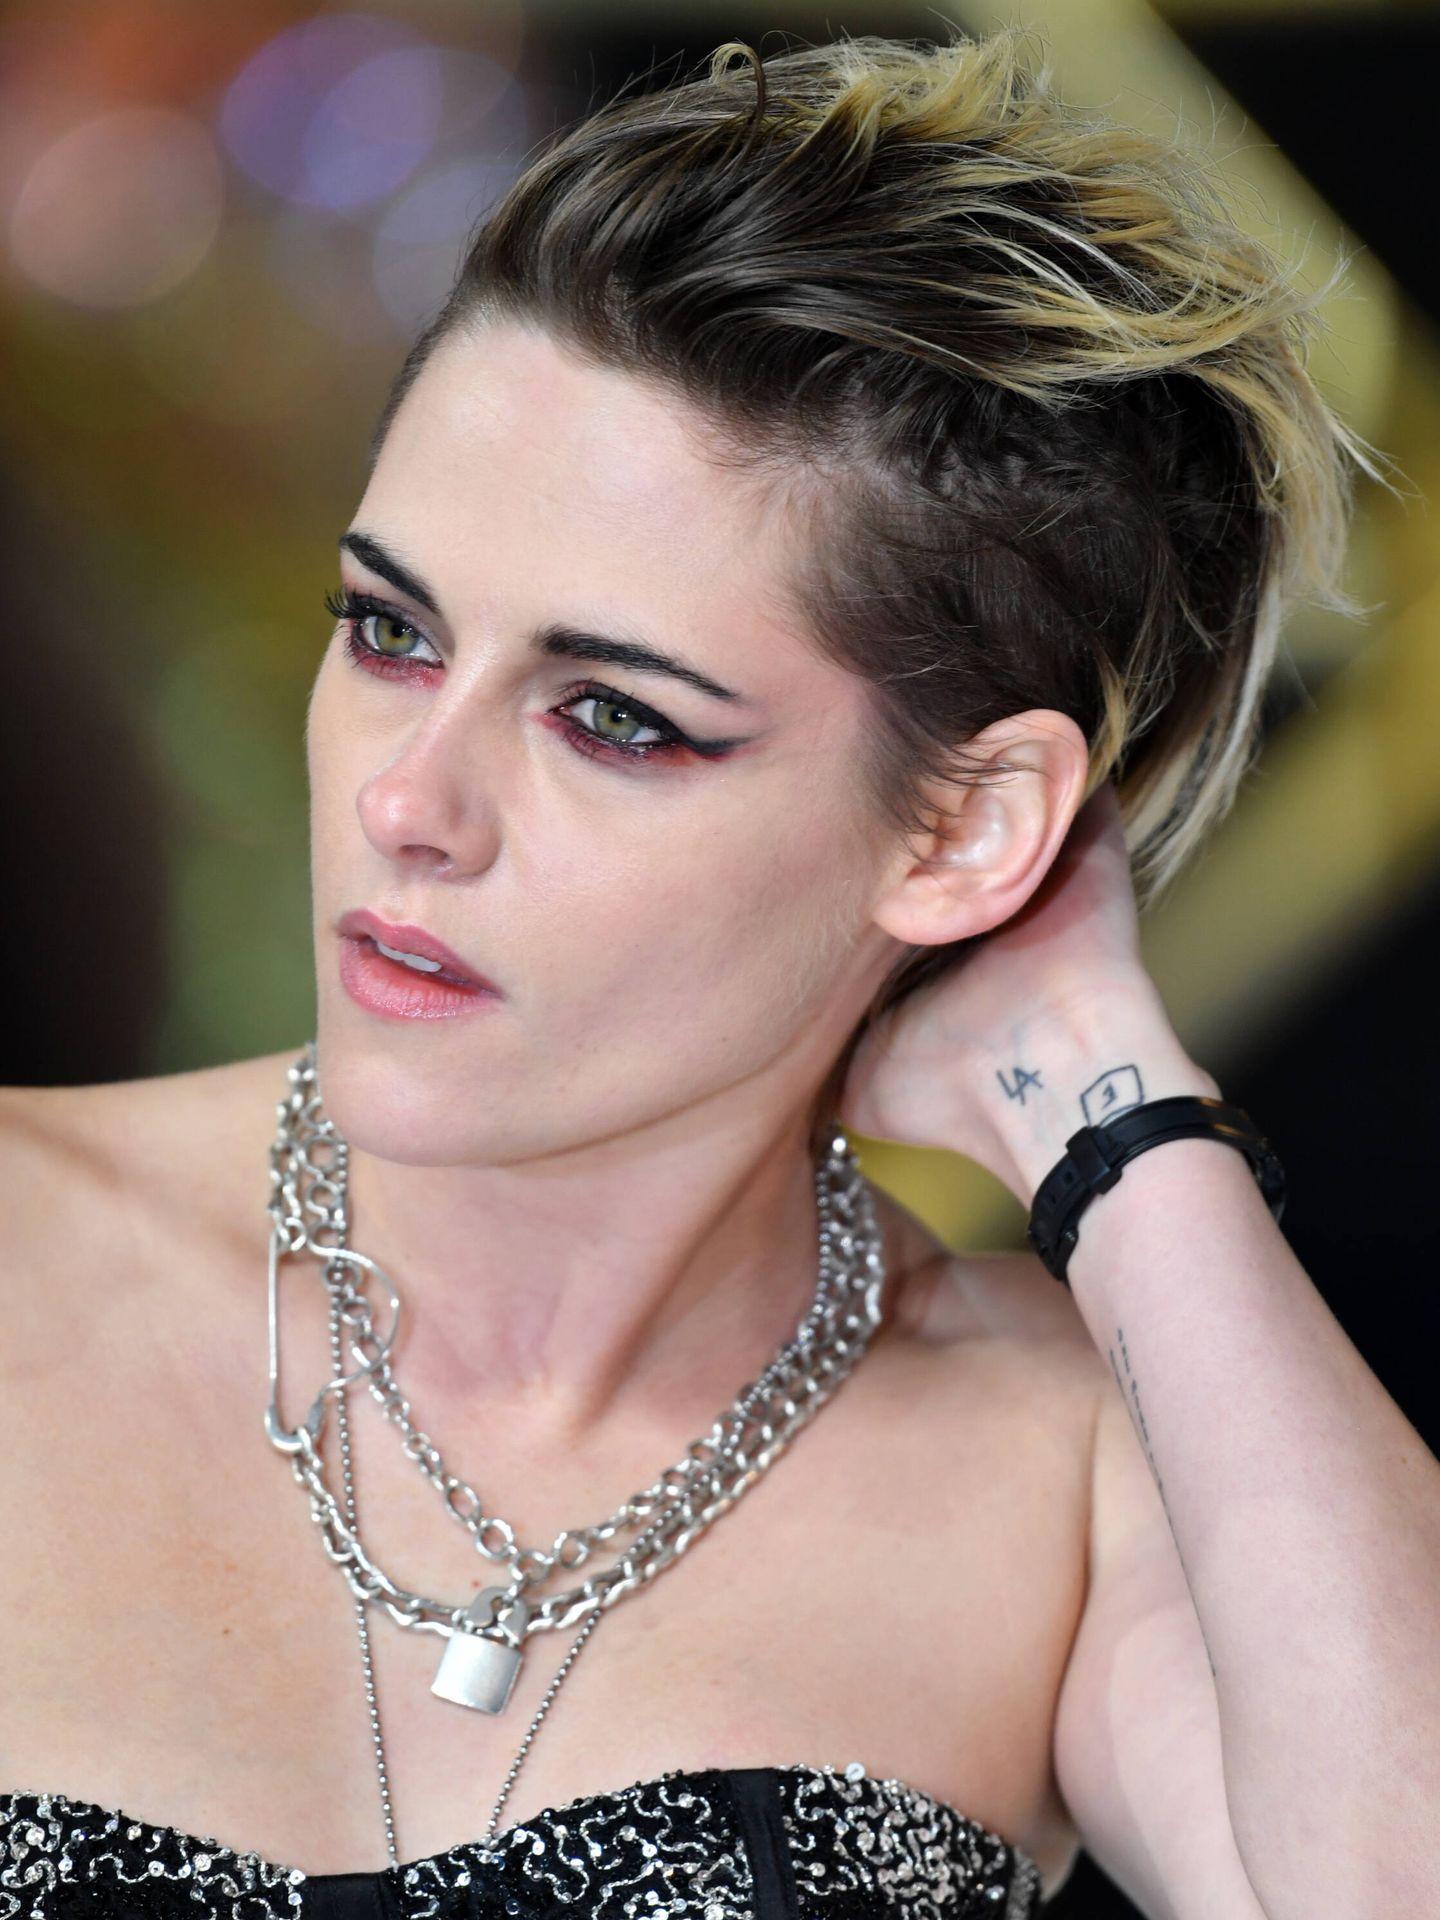 La anterior coloración de Kristen Stewart mantenía una raíz muy oscura y dejaba mechas platino irregulares, salteando algunos mechones. (Getty)